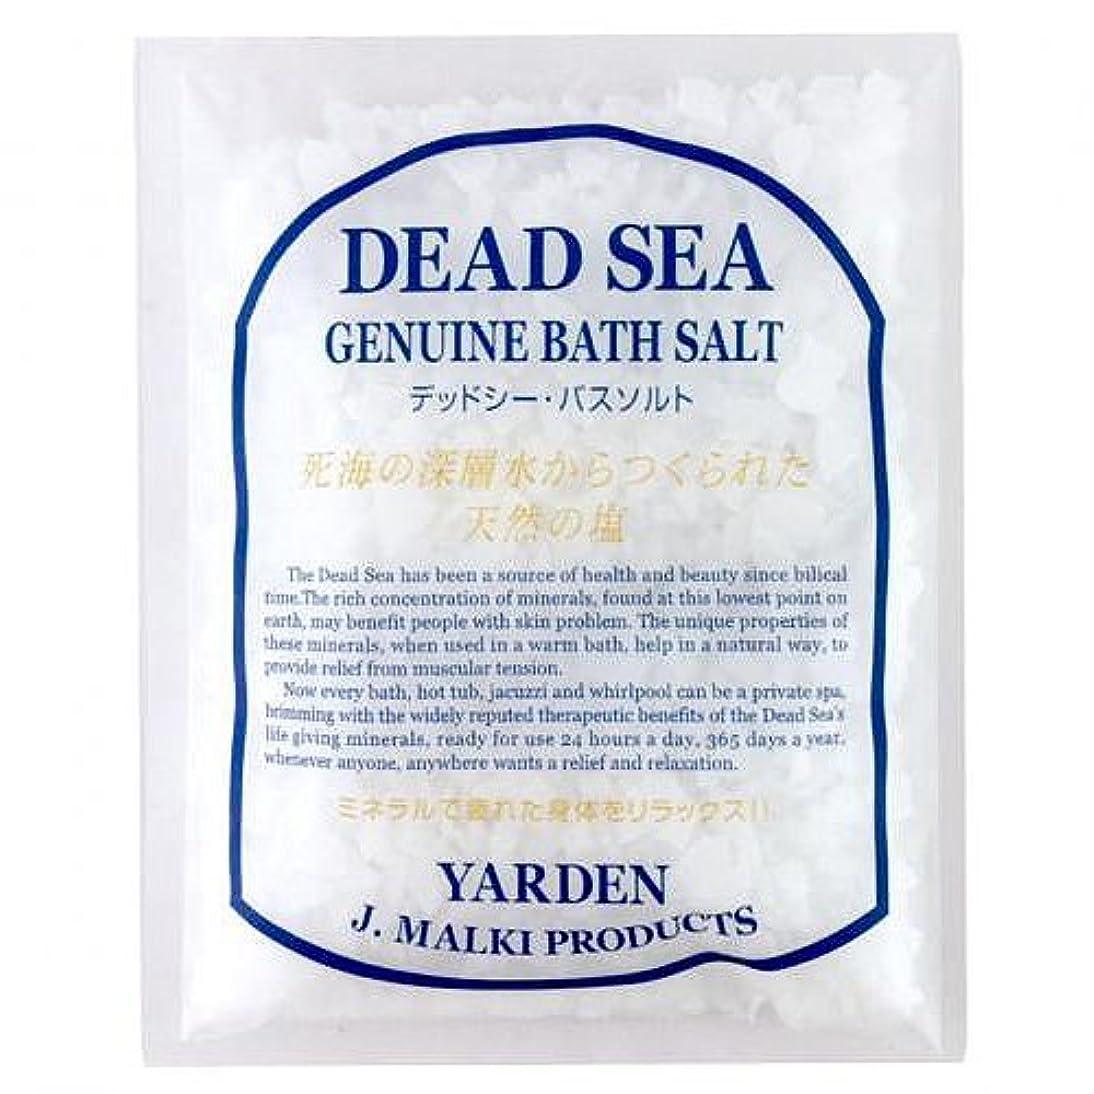 カウント入射ホップデッドシー?バスソルト 100g 【DEAD SEA BATH SALT】死海の塩/入浴剤(入浴用化粧品)【正規販売店】